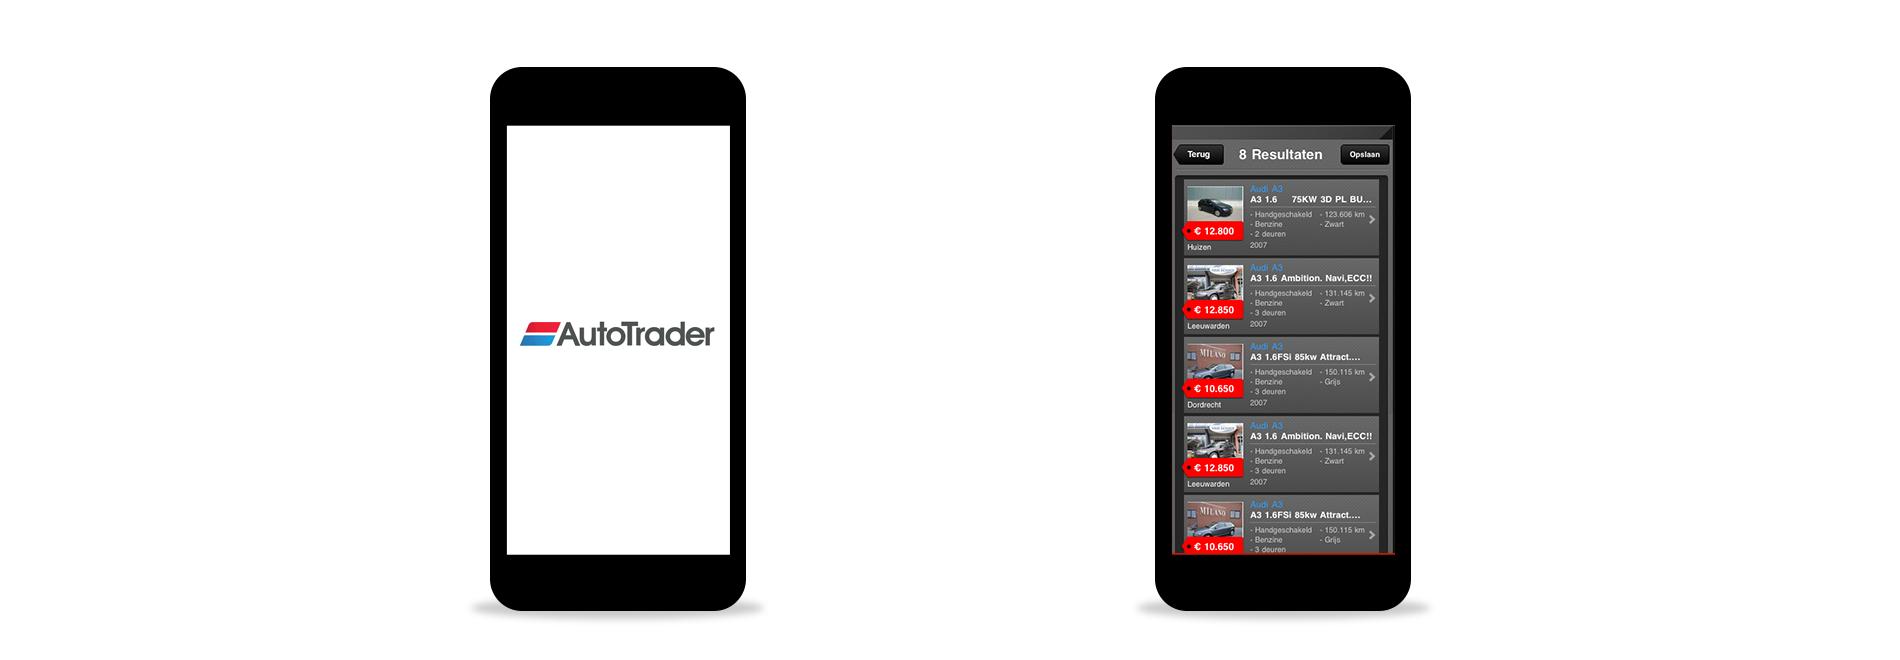 AutoTrader Mobile